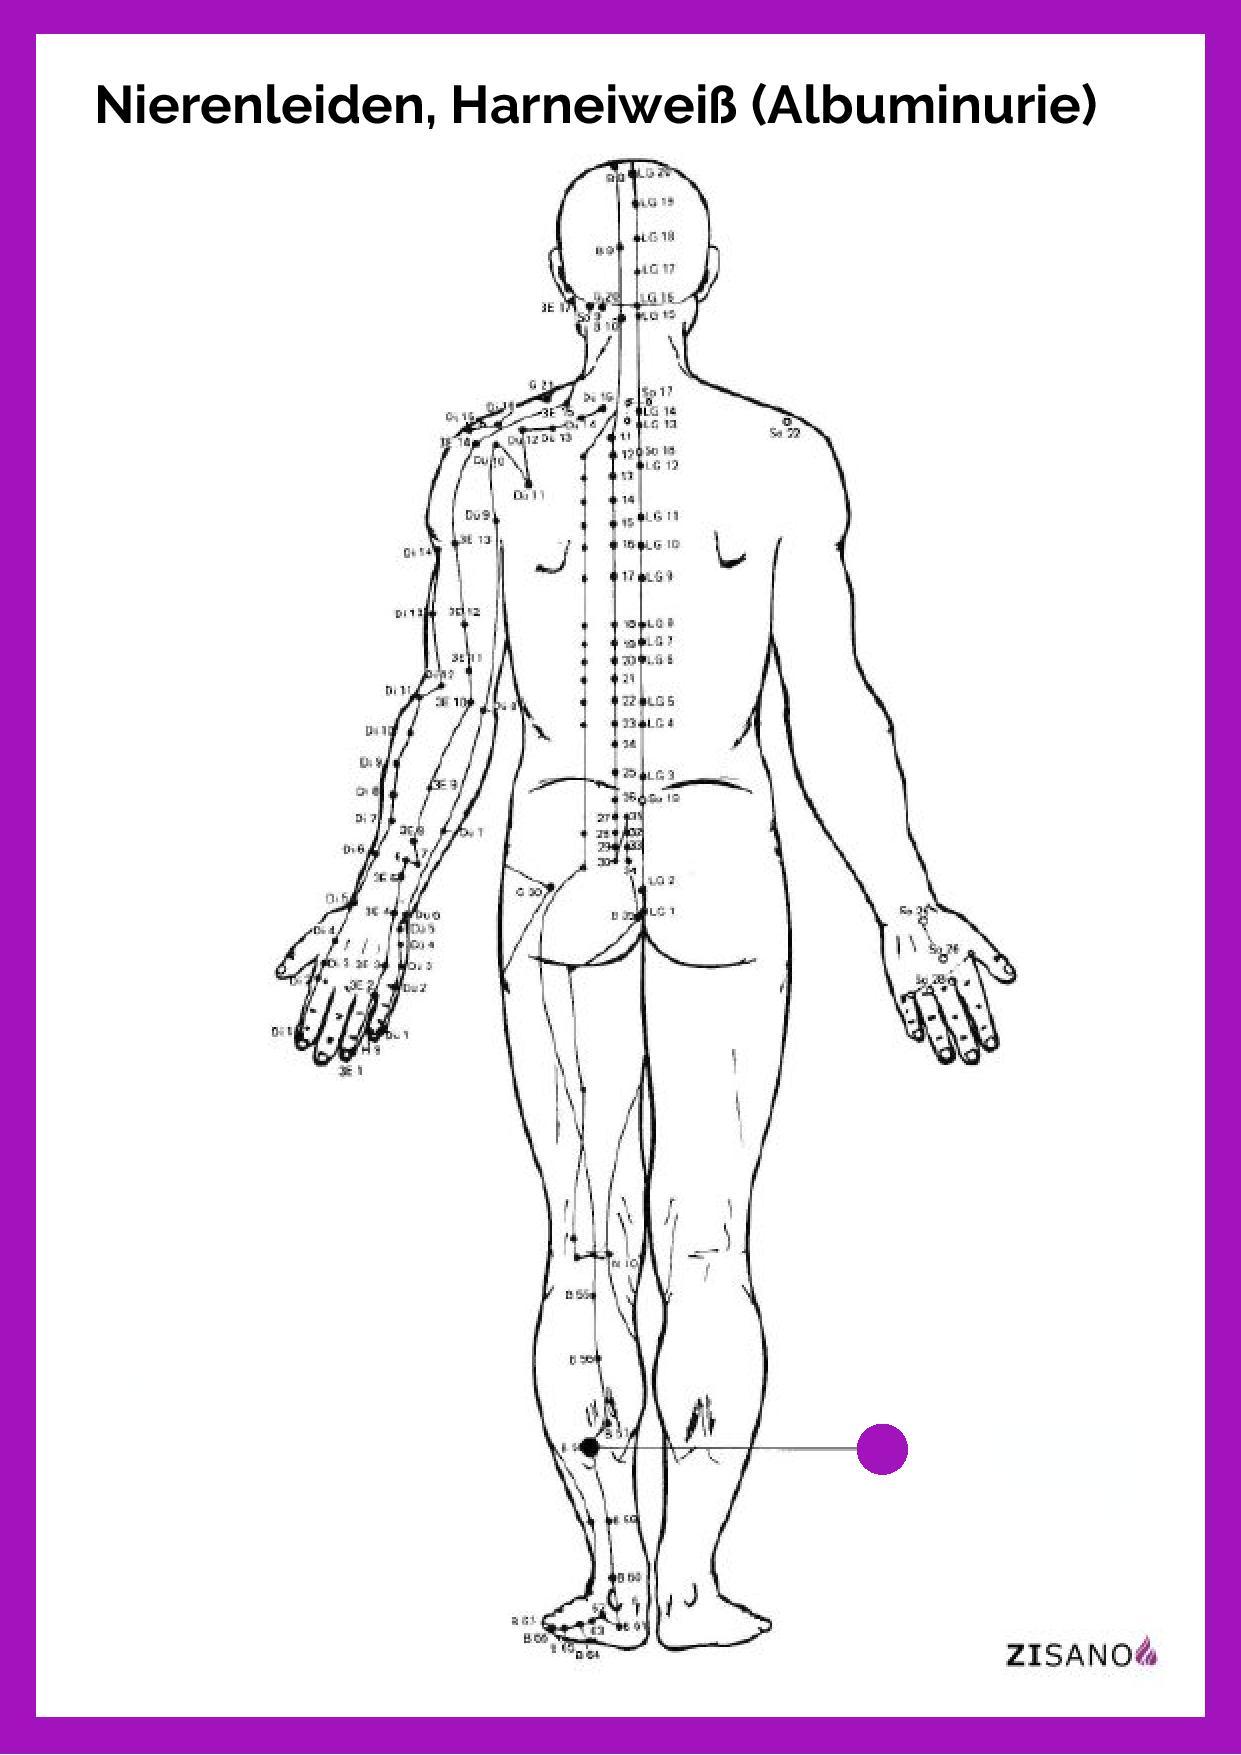 Meridiane - Nierenleiden - Harneiweiß - Albuminurie - Beschwerden